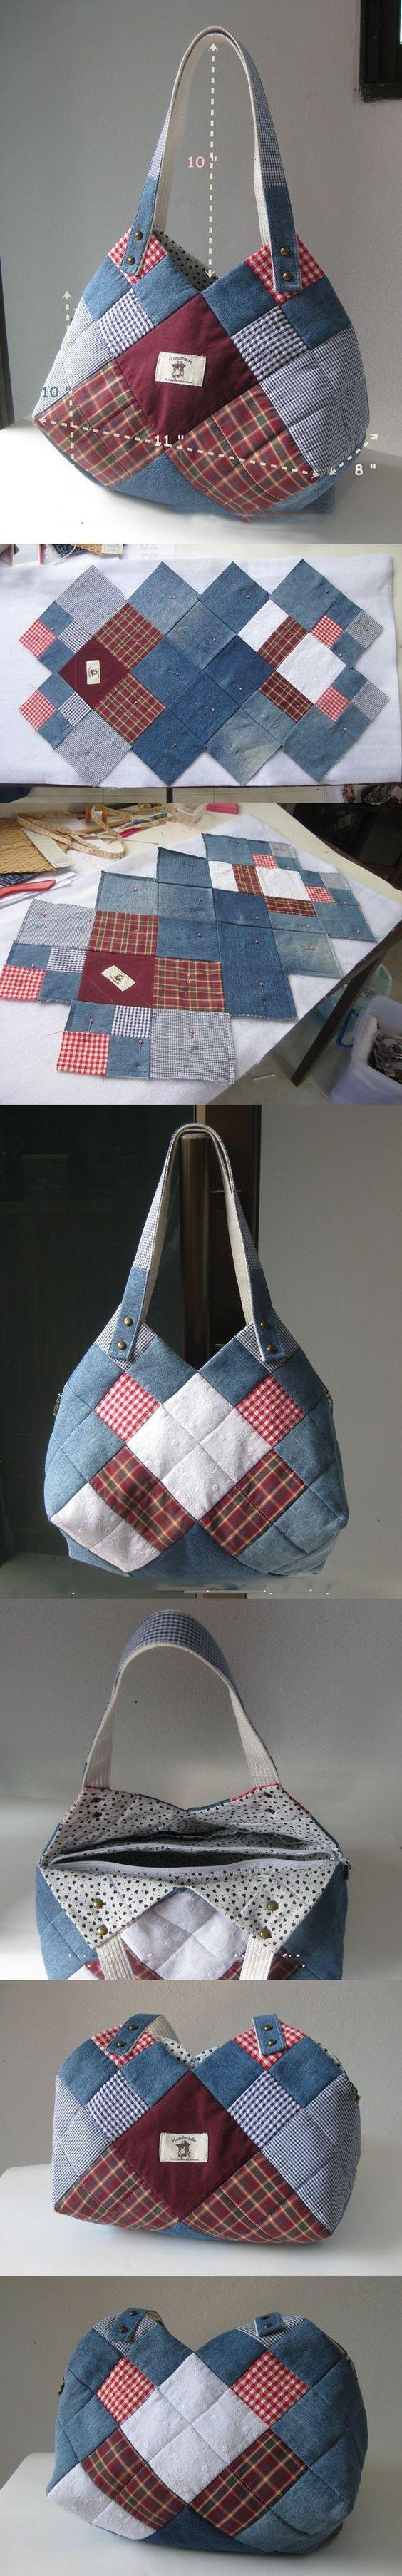 Как сшить джинсовую сумку своими руками. Схемы и подробный мастер-класс?